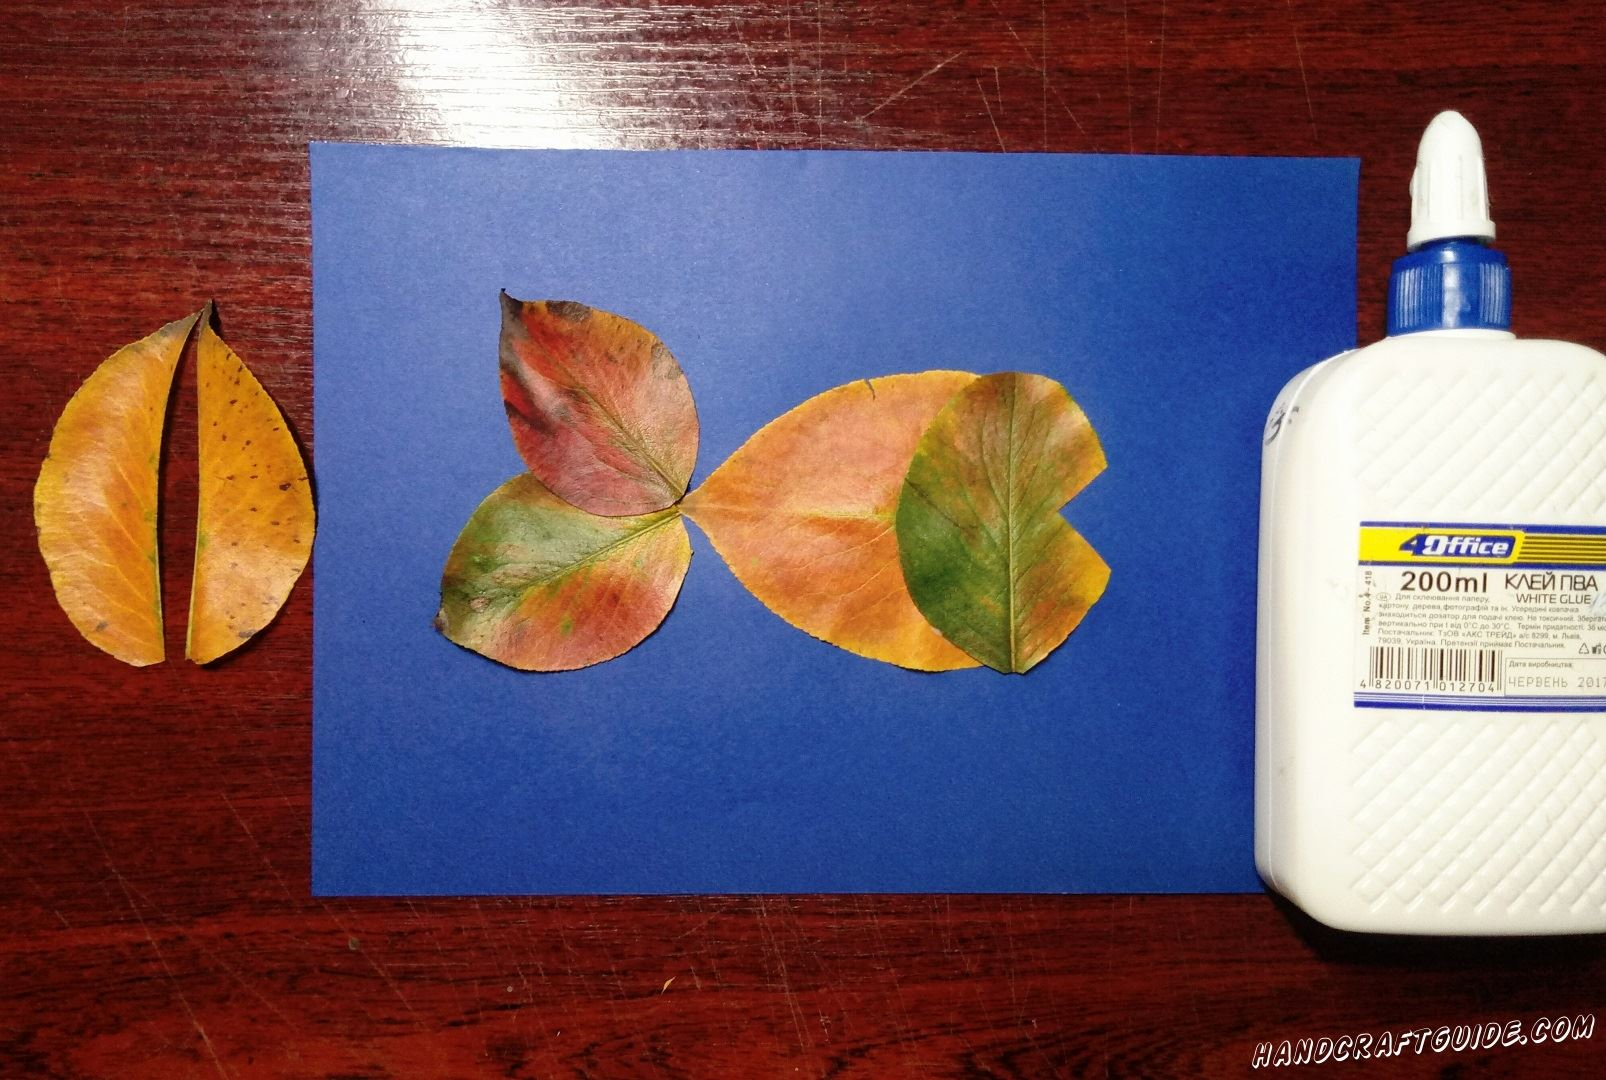 На середину синего листа бумаги мы приклеиваем первый листочек, к нему приклеиваем голову с ротиком, а с другой стороны плавник их целых листьев.